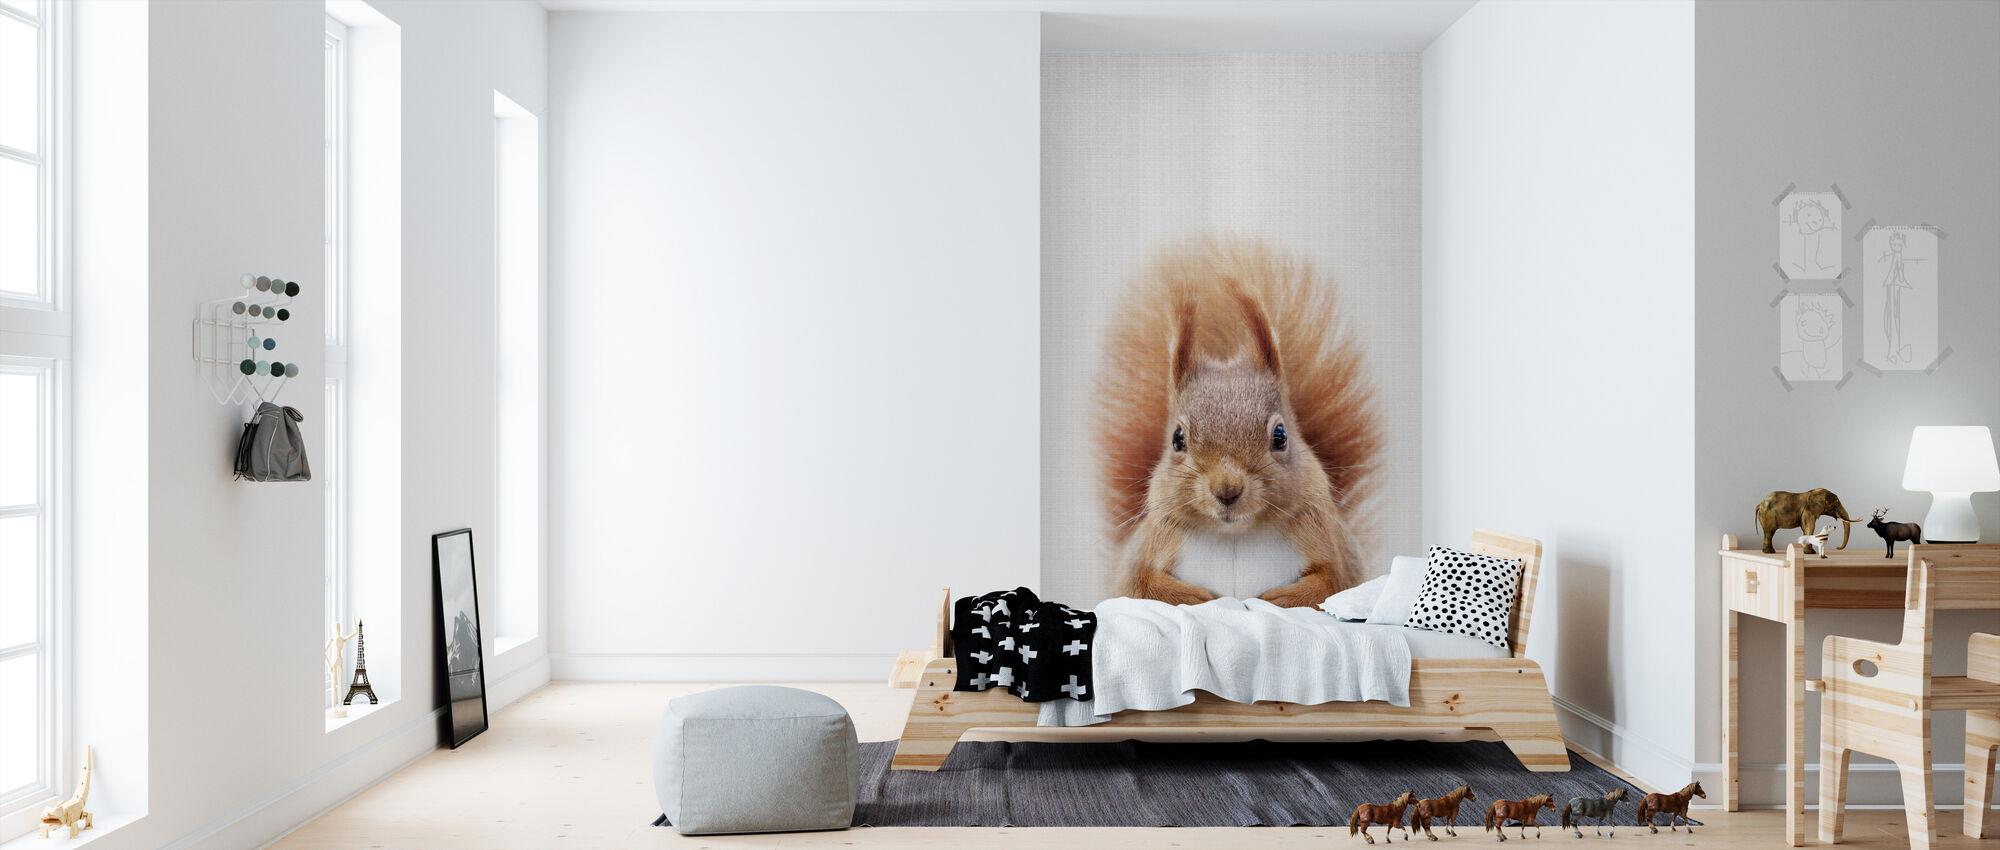 Squirrel - Wallpaper - Kids Room